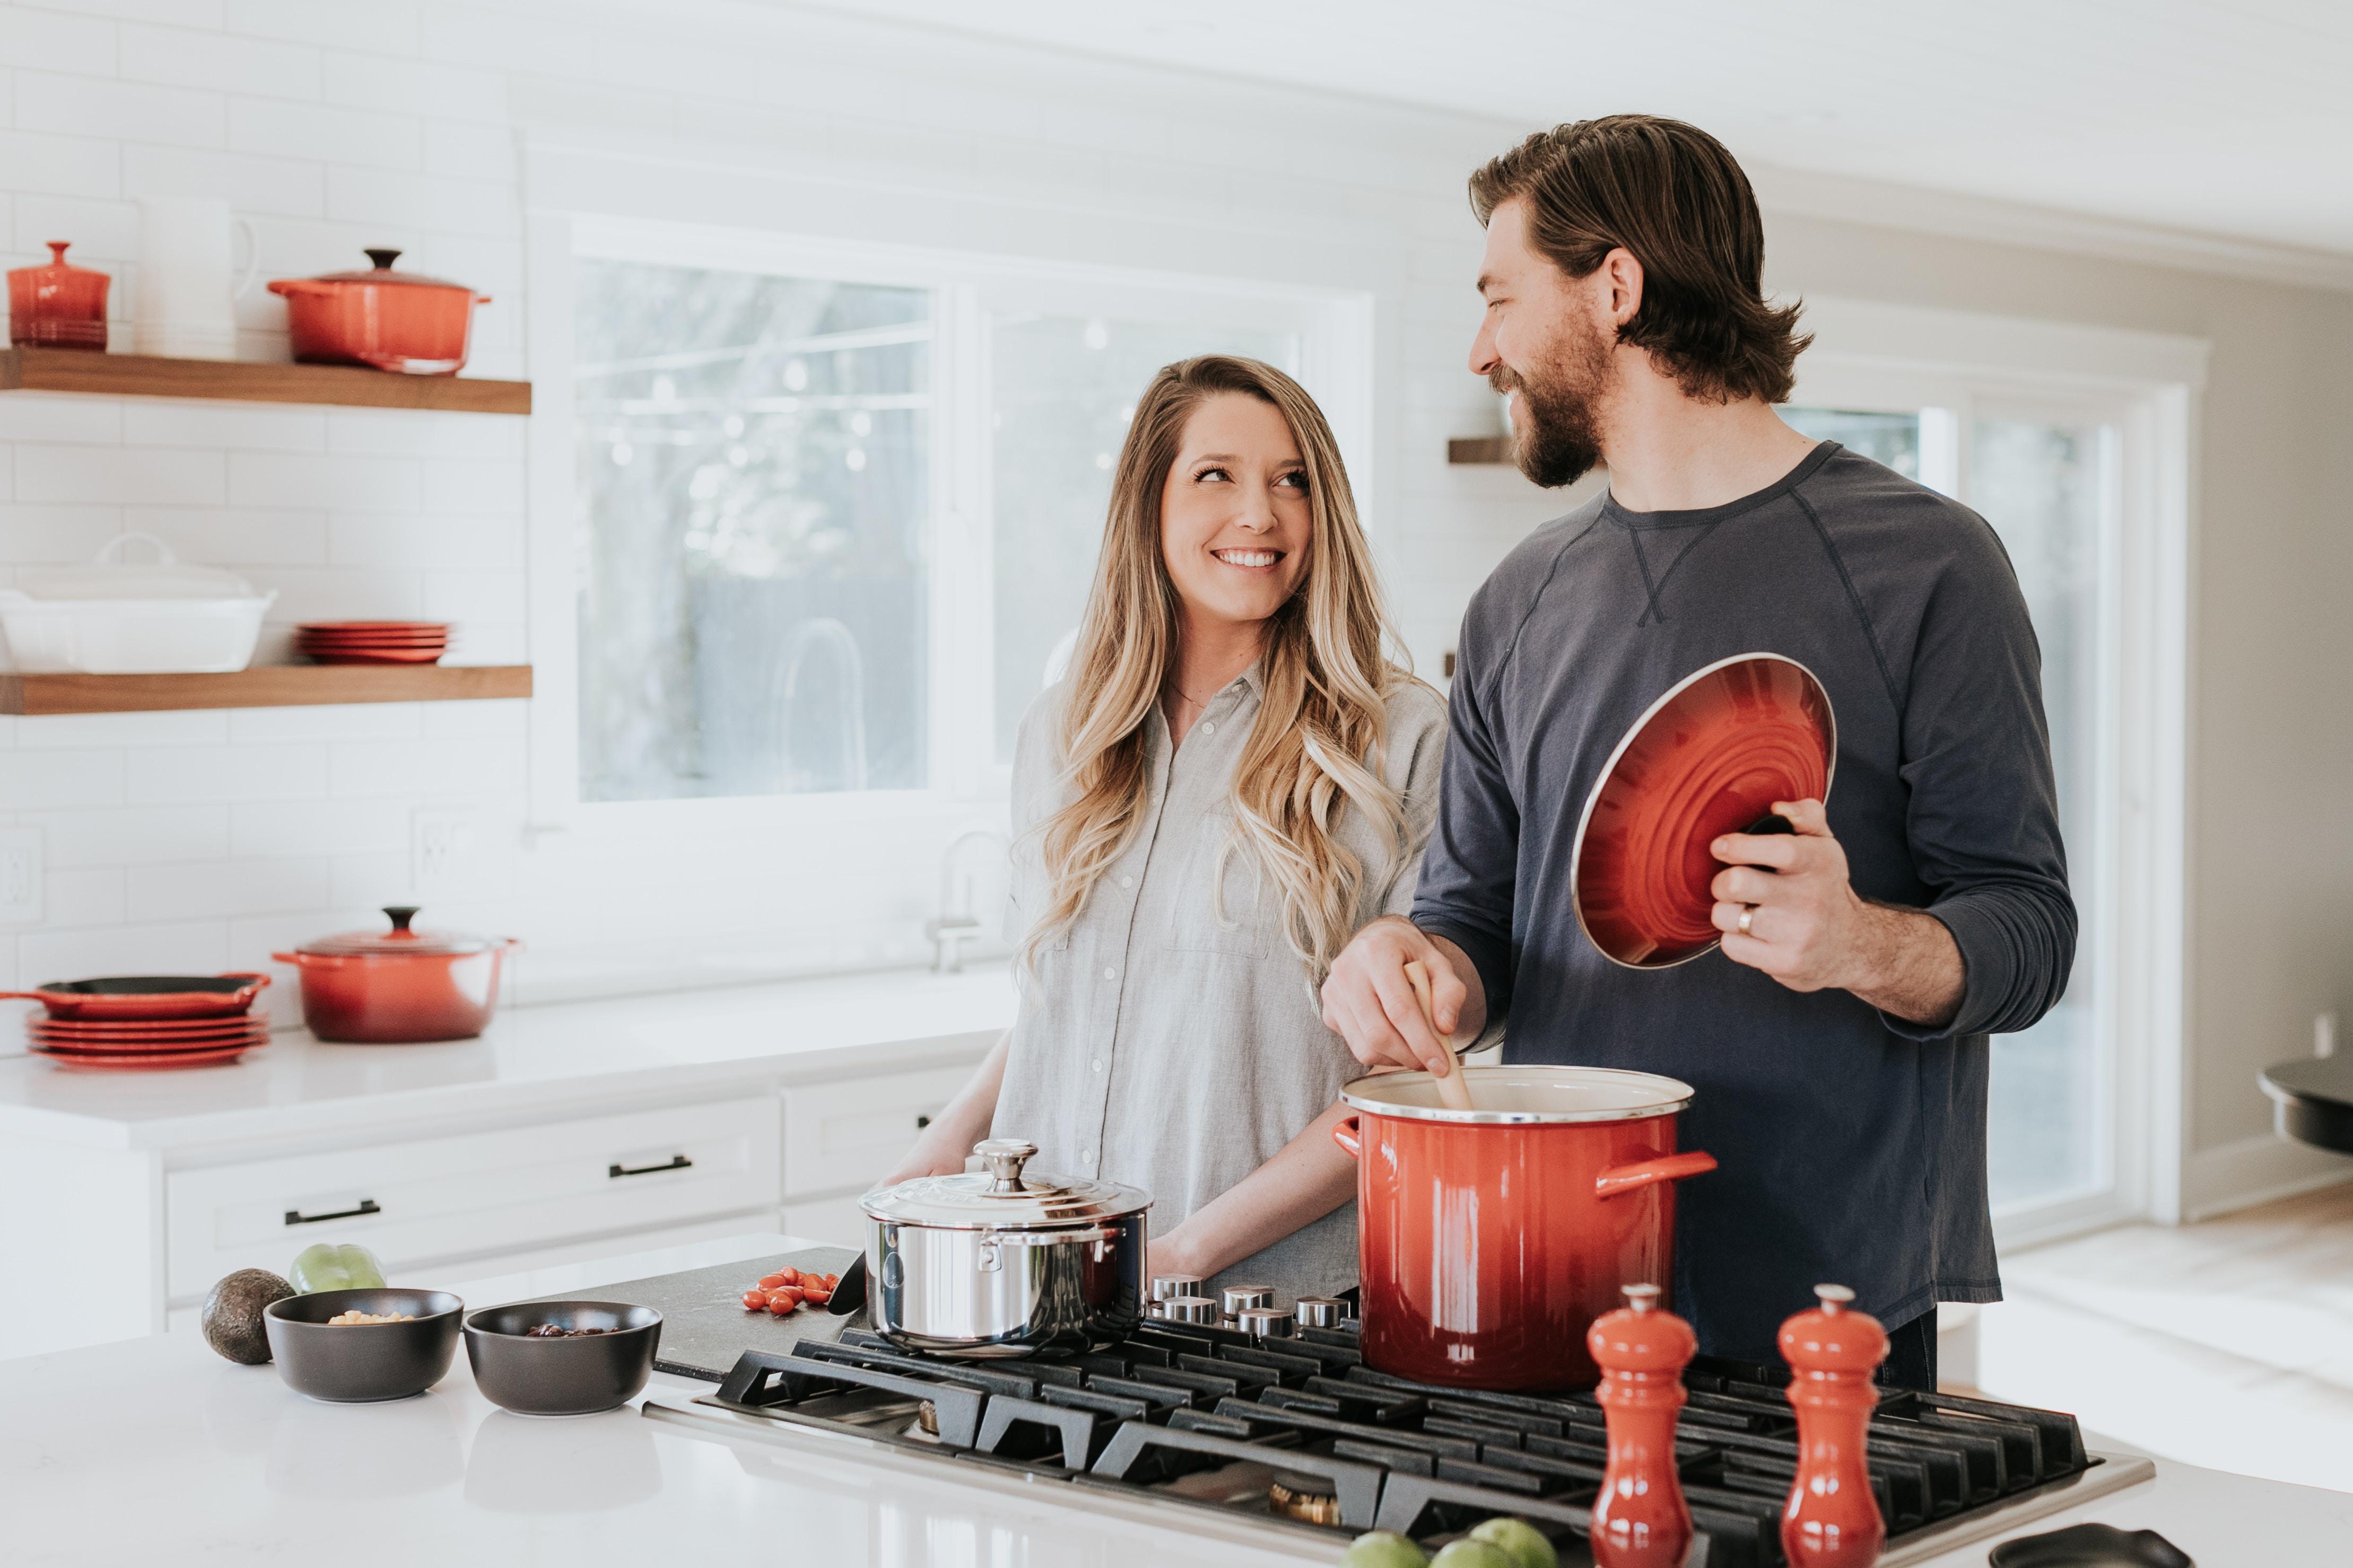 Un couple cuisine dans la bonne humeur grâce au gaz naturel